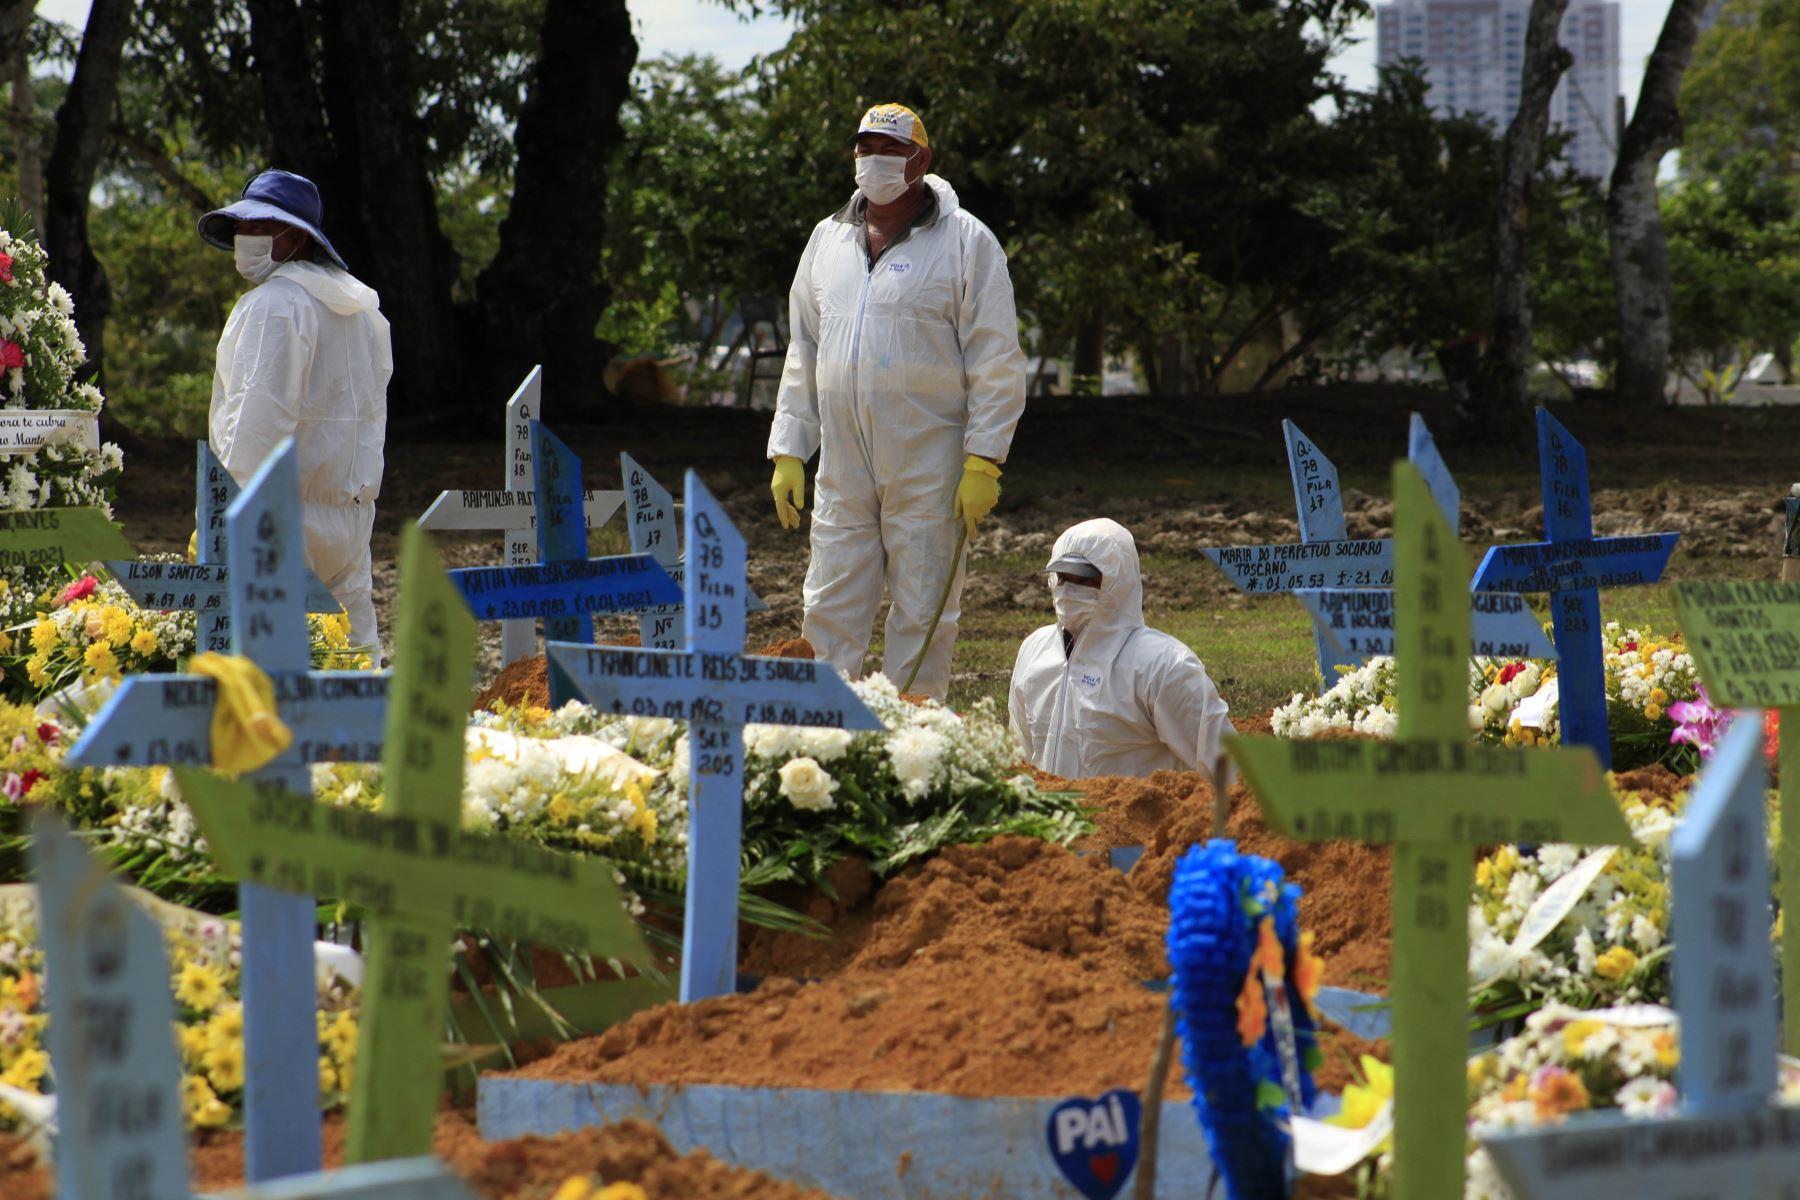 Funeral de una víctima de COVID-19 en el cementerio de Nossa Senhora Aparecida en Manaus, estado de Amazonas, Brasil. Foto:AFP